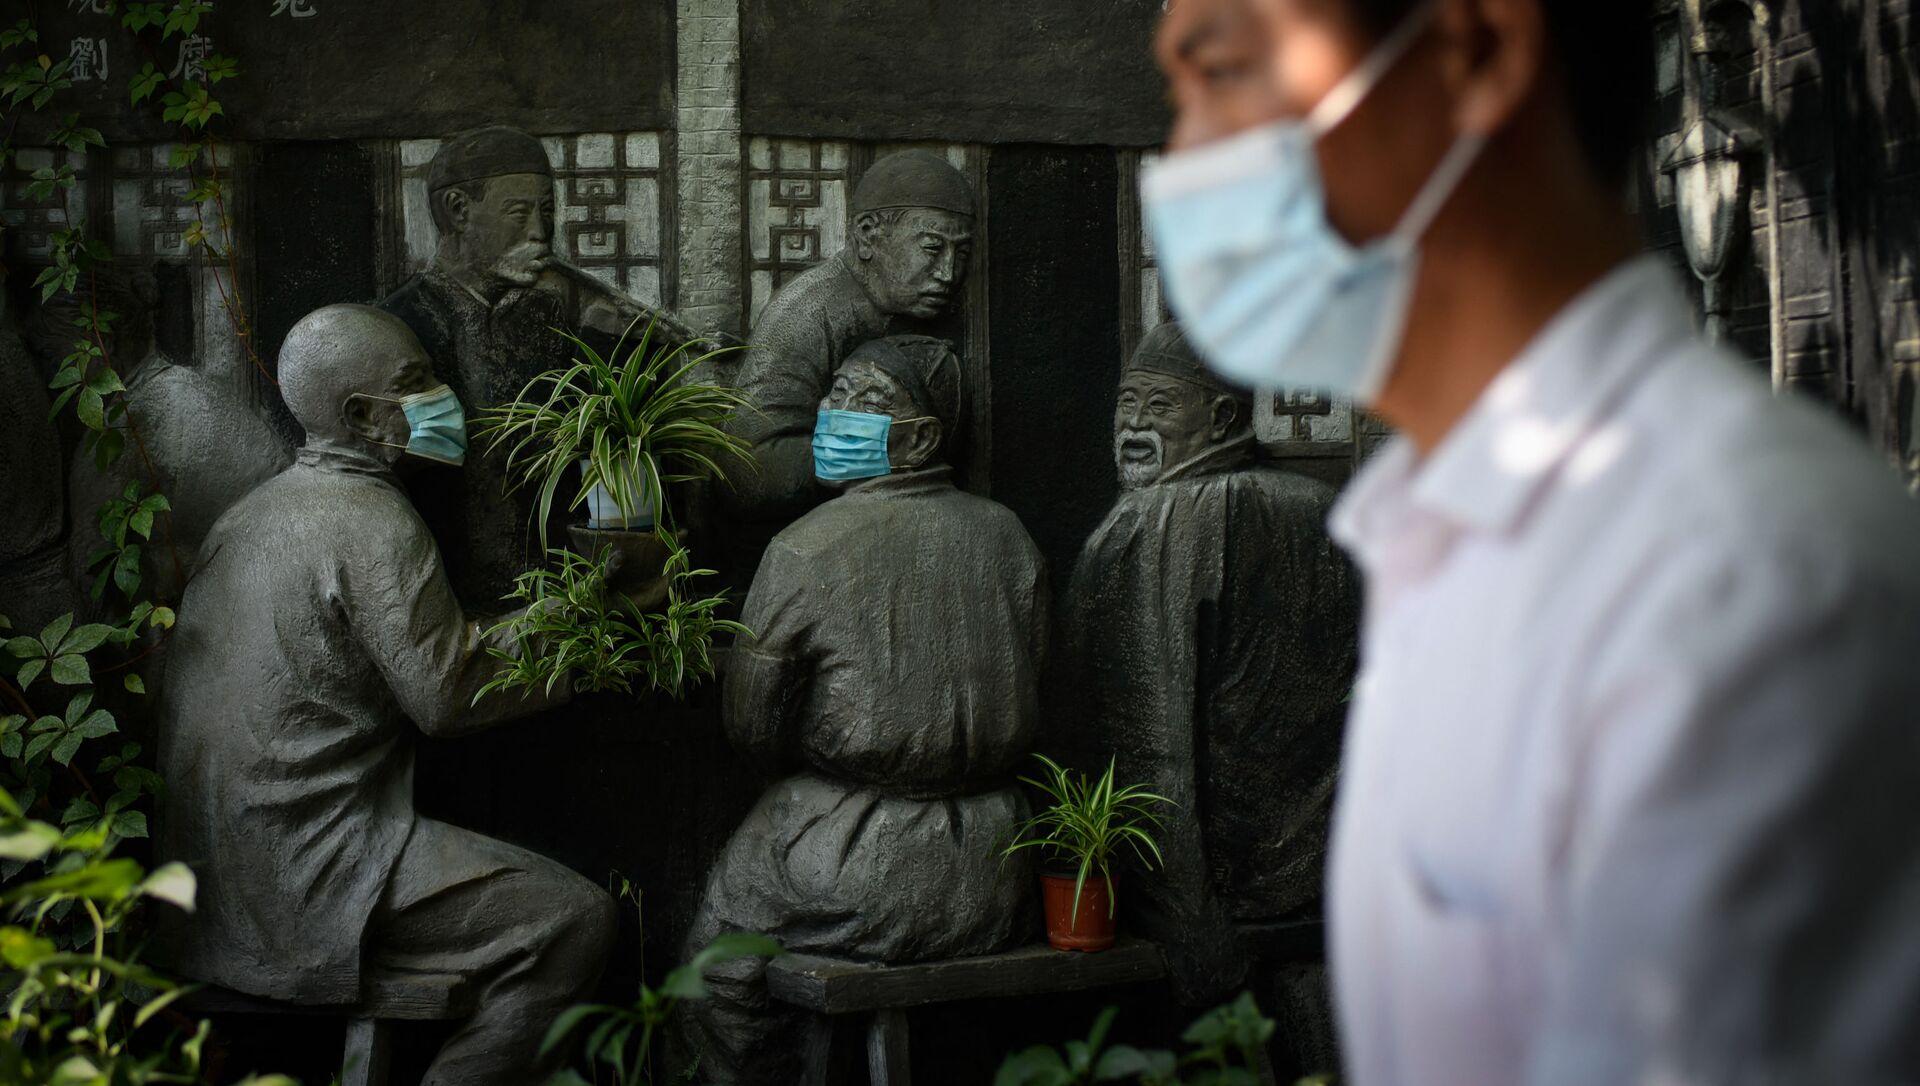 マスクなし会食で感染リスクが4倍に 専門家らが調査 - Sputnik 日本, 1920, 08.10.2021